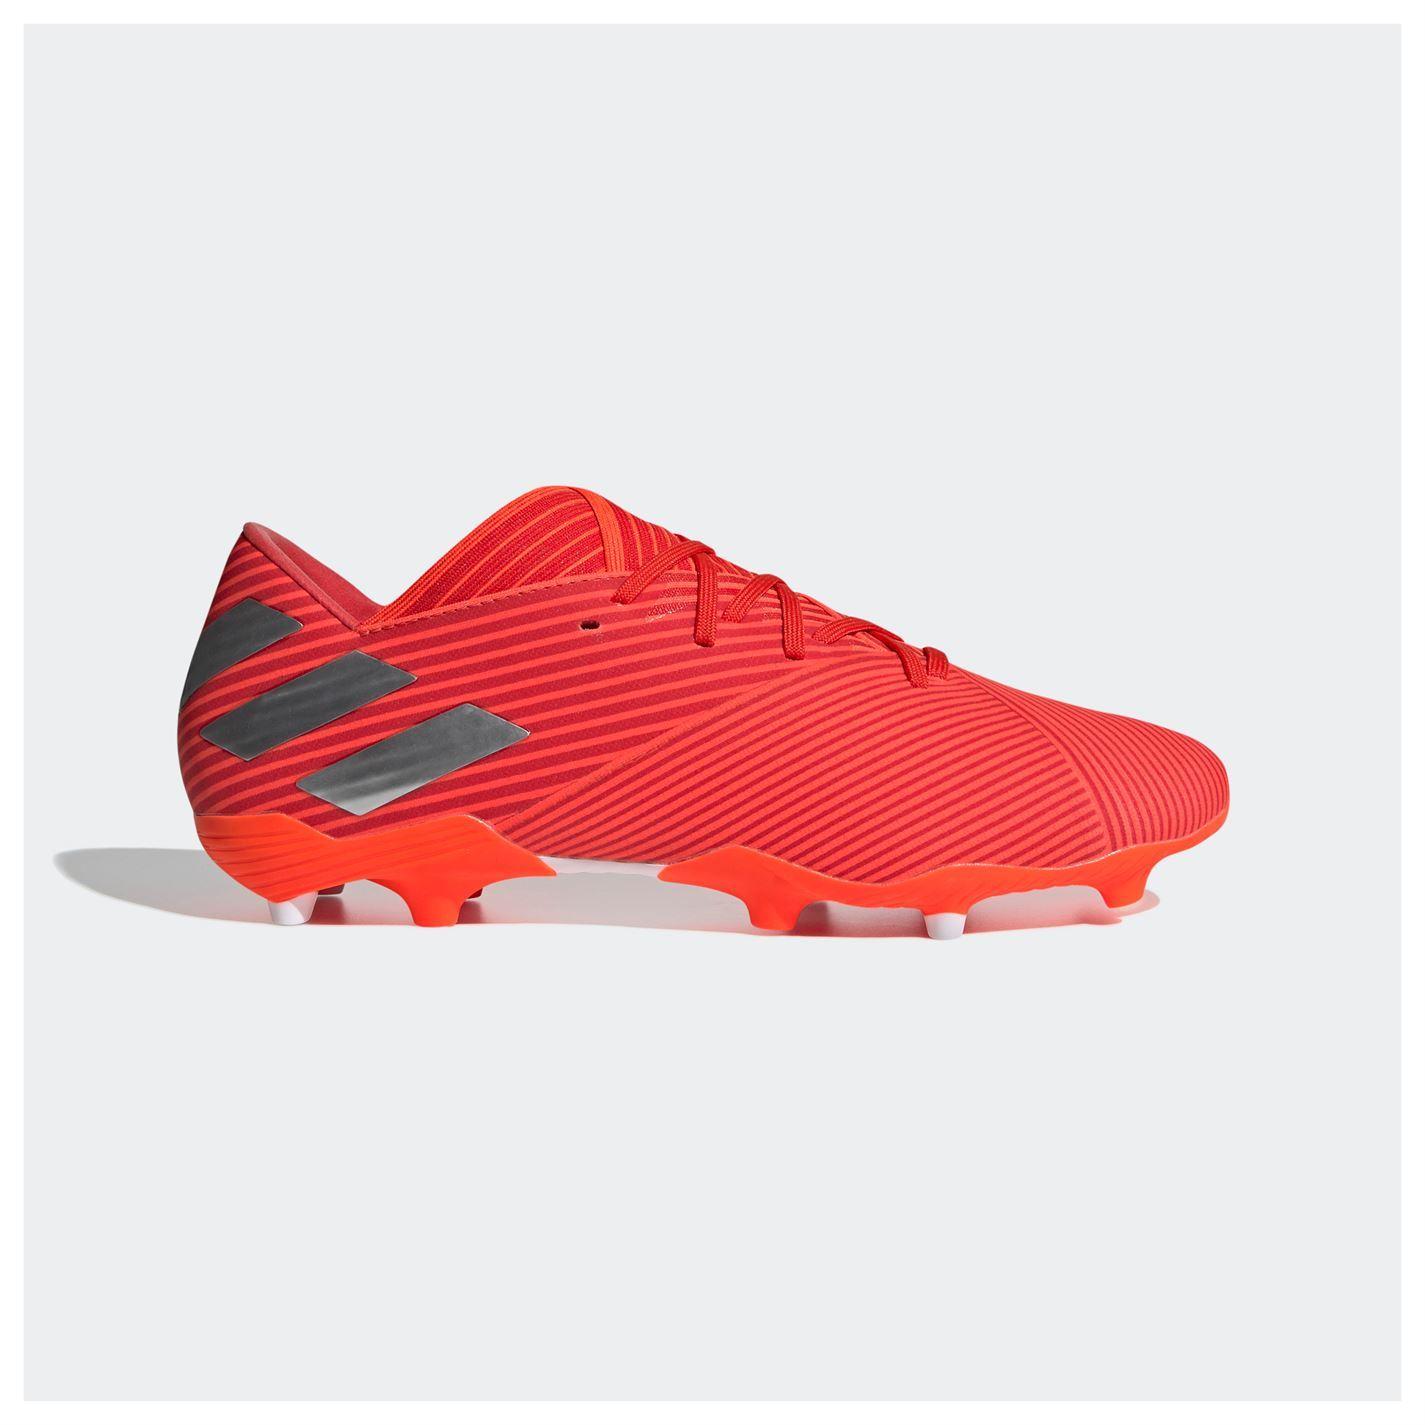 Adidas-nemeziz-19-2-Firm-Ground-FG-Chaussures-De-Football-Hommes-Soccer-Crampons-Chaussures miniature 16